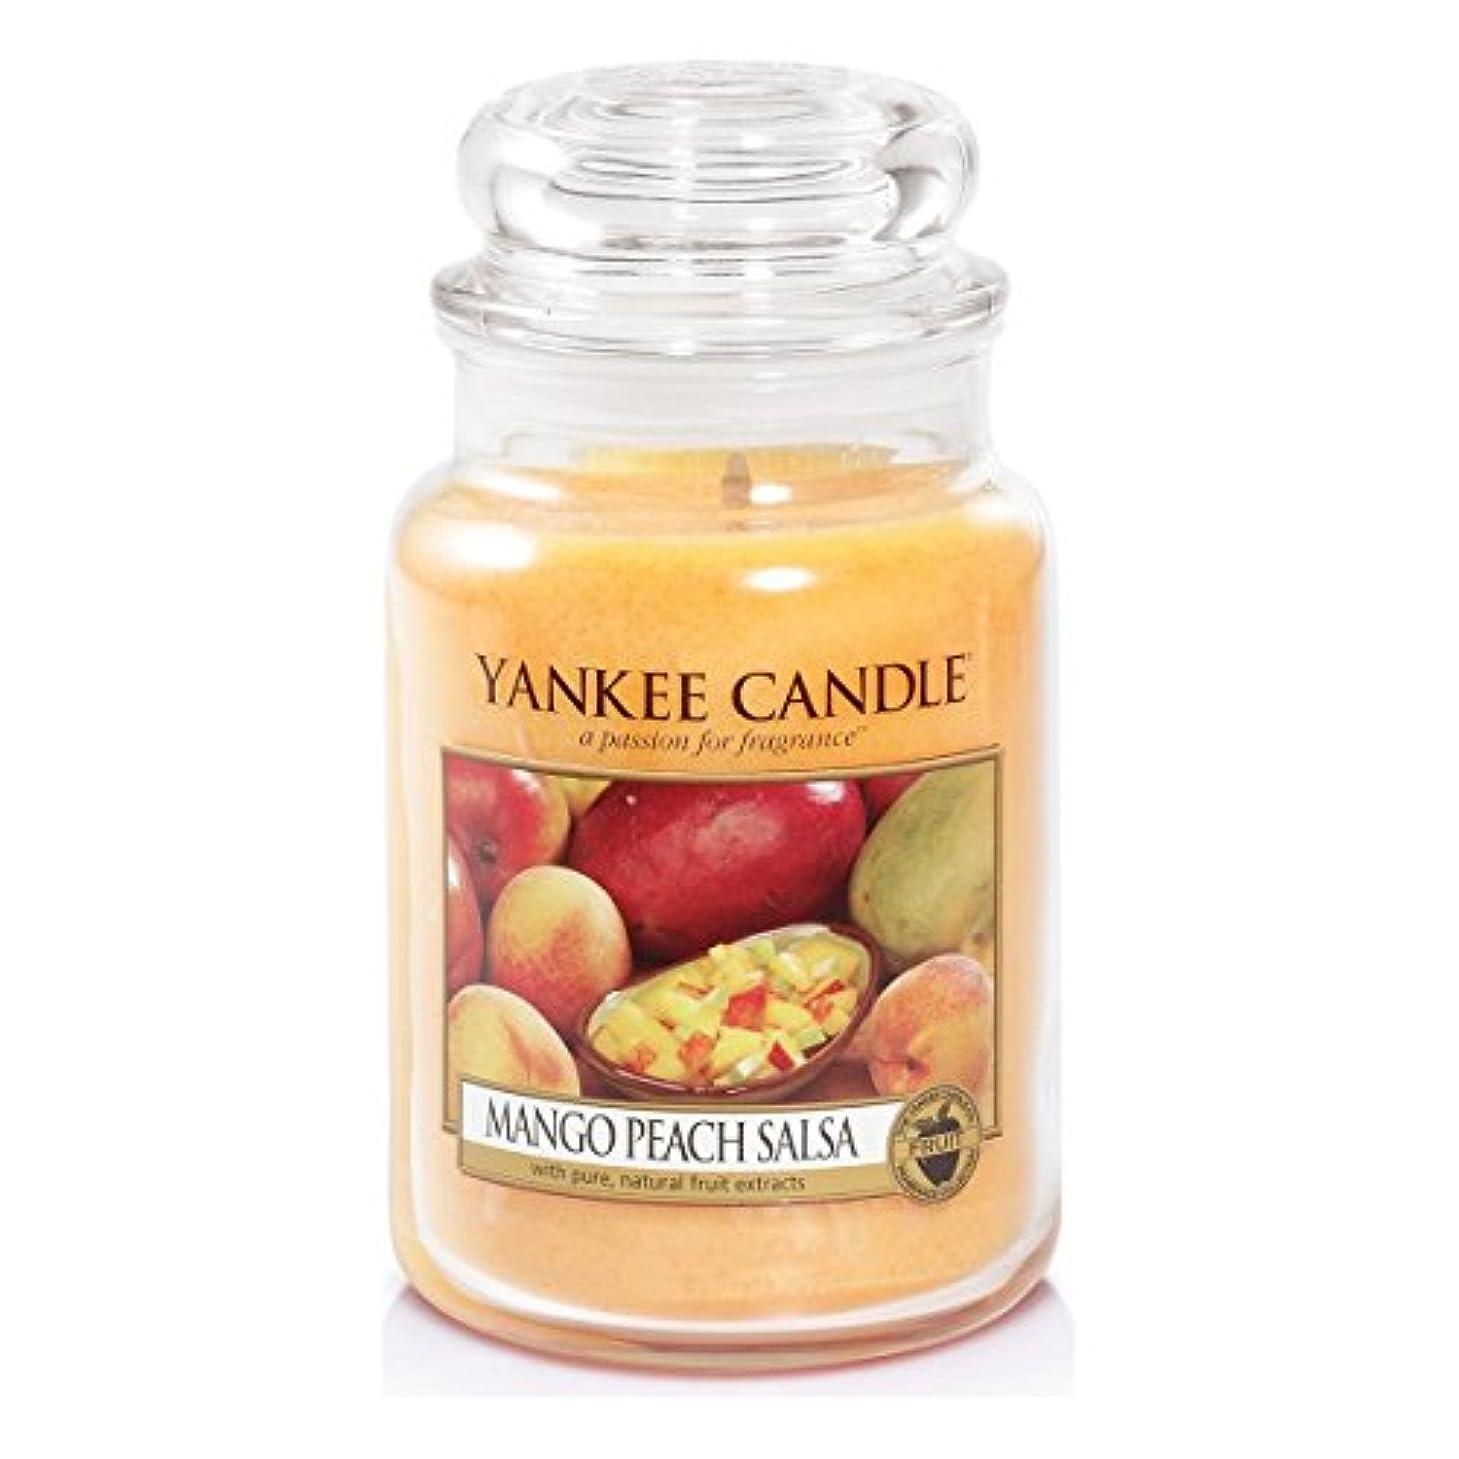 ぴかぴか割り当てます捕虜Yankee Candle Large Jar Candle, Mango Peach Salsa by Yankee Candle